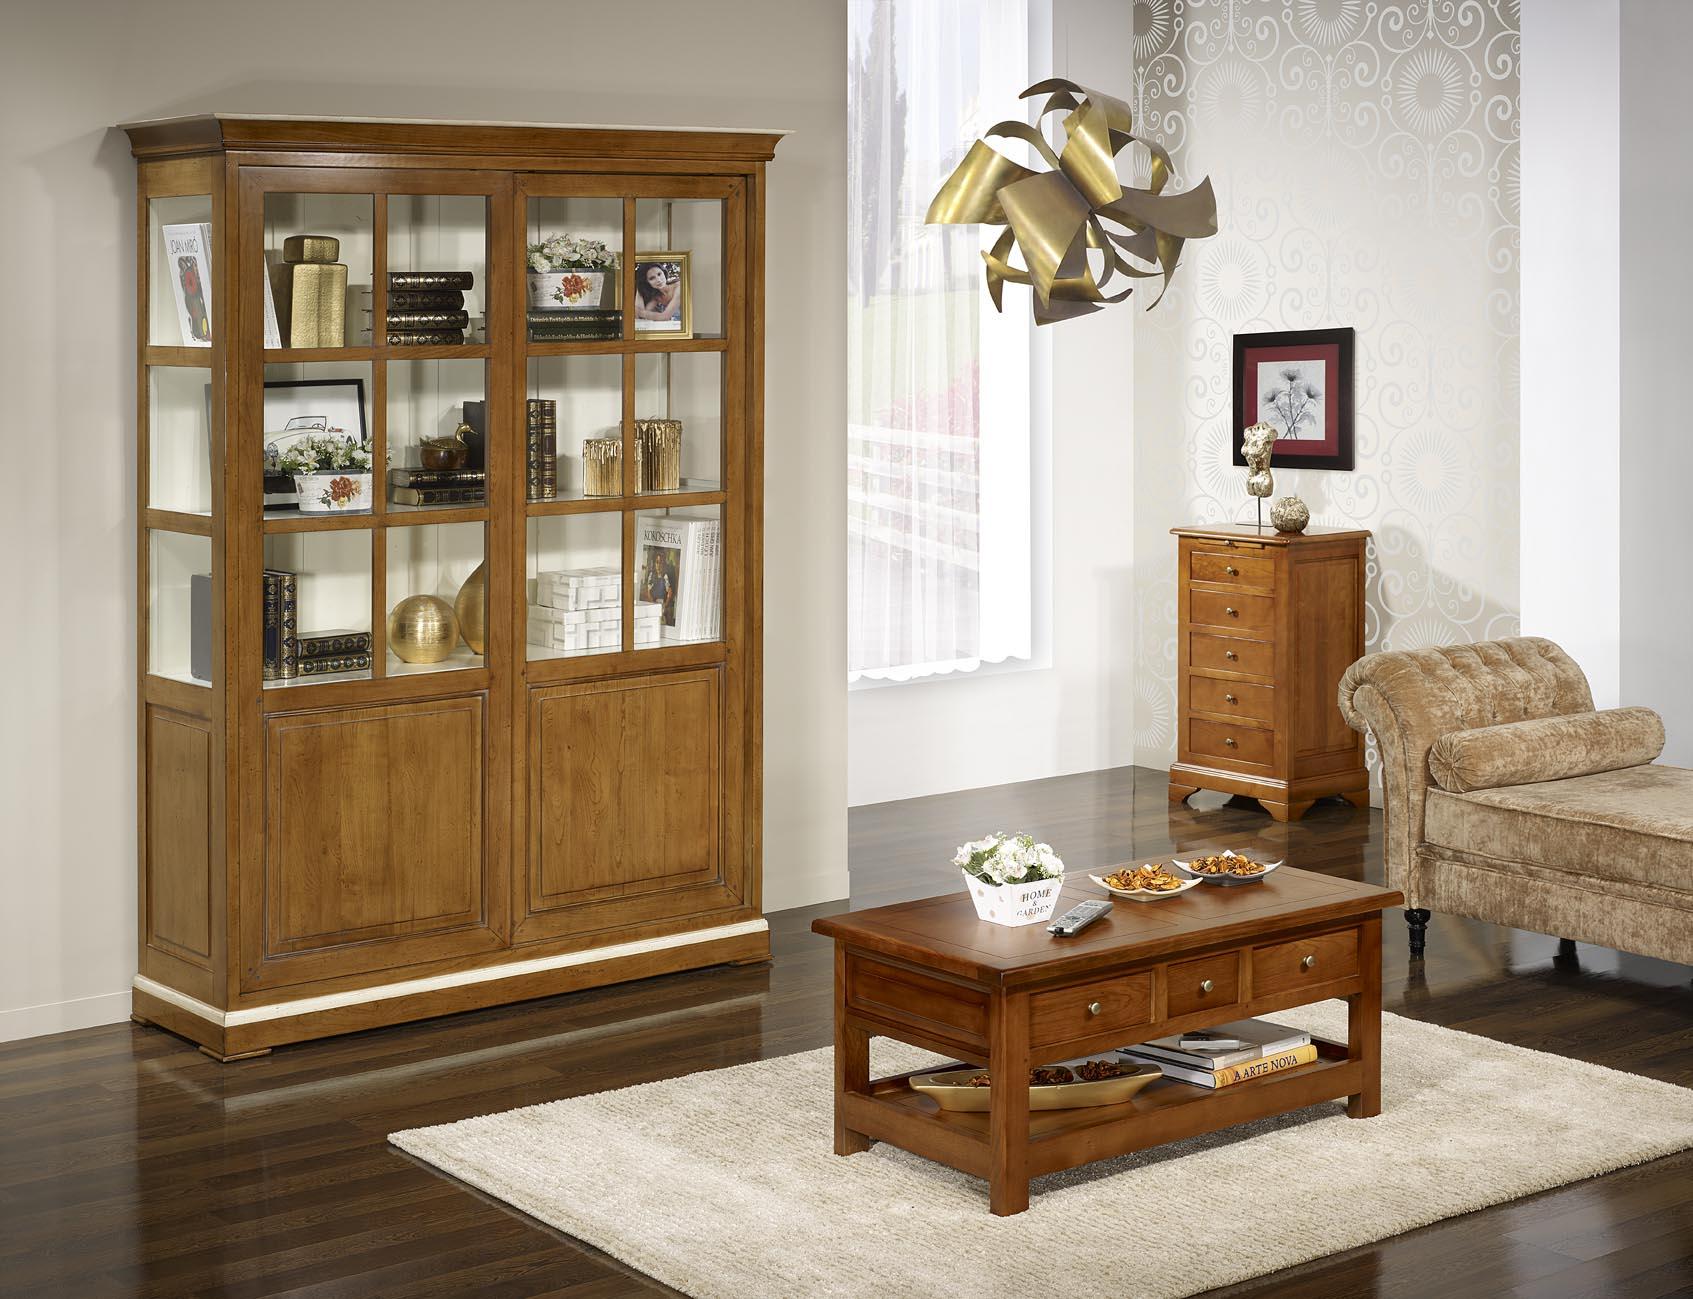 table basse rectangulaire jean baptiste en ch ne de style louis philippe campagnard meuble en. Black Bedroom Furniture Sets. Home Design Ideas